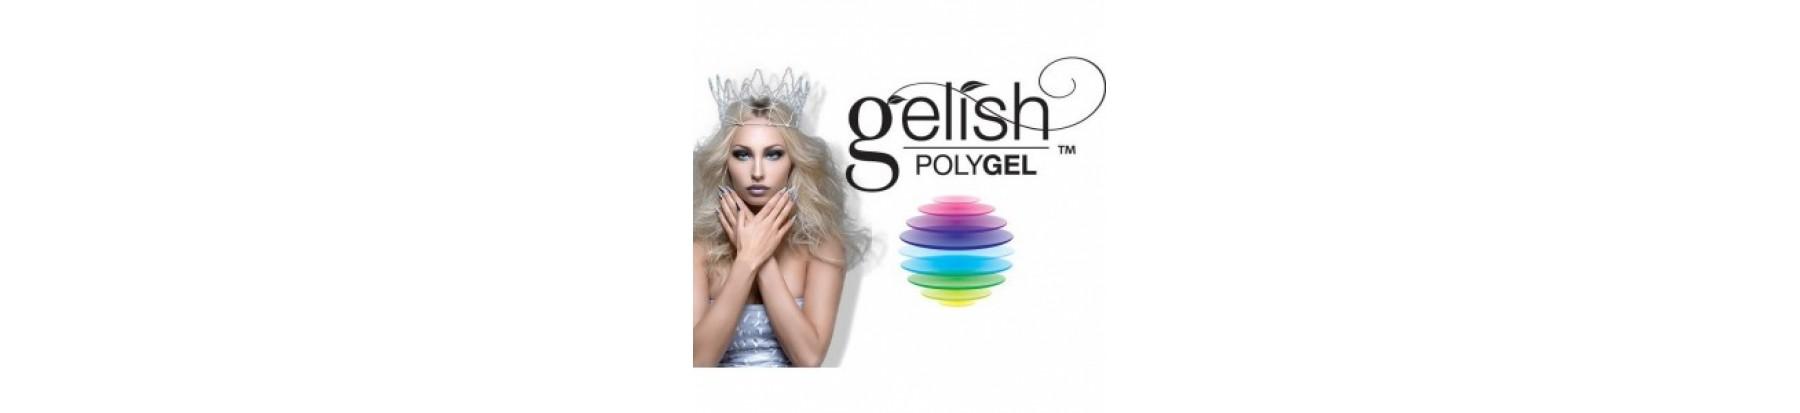 Gelish полигель